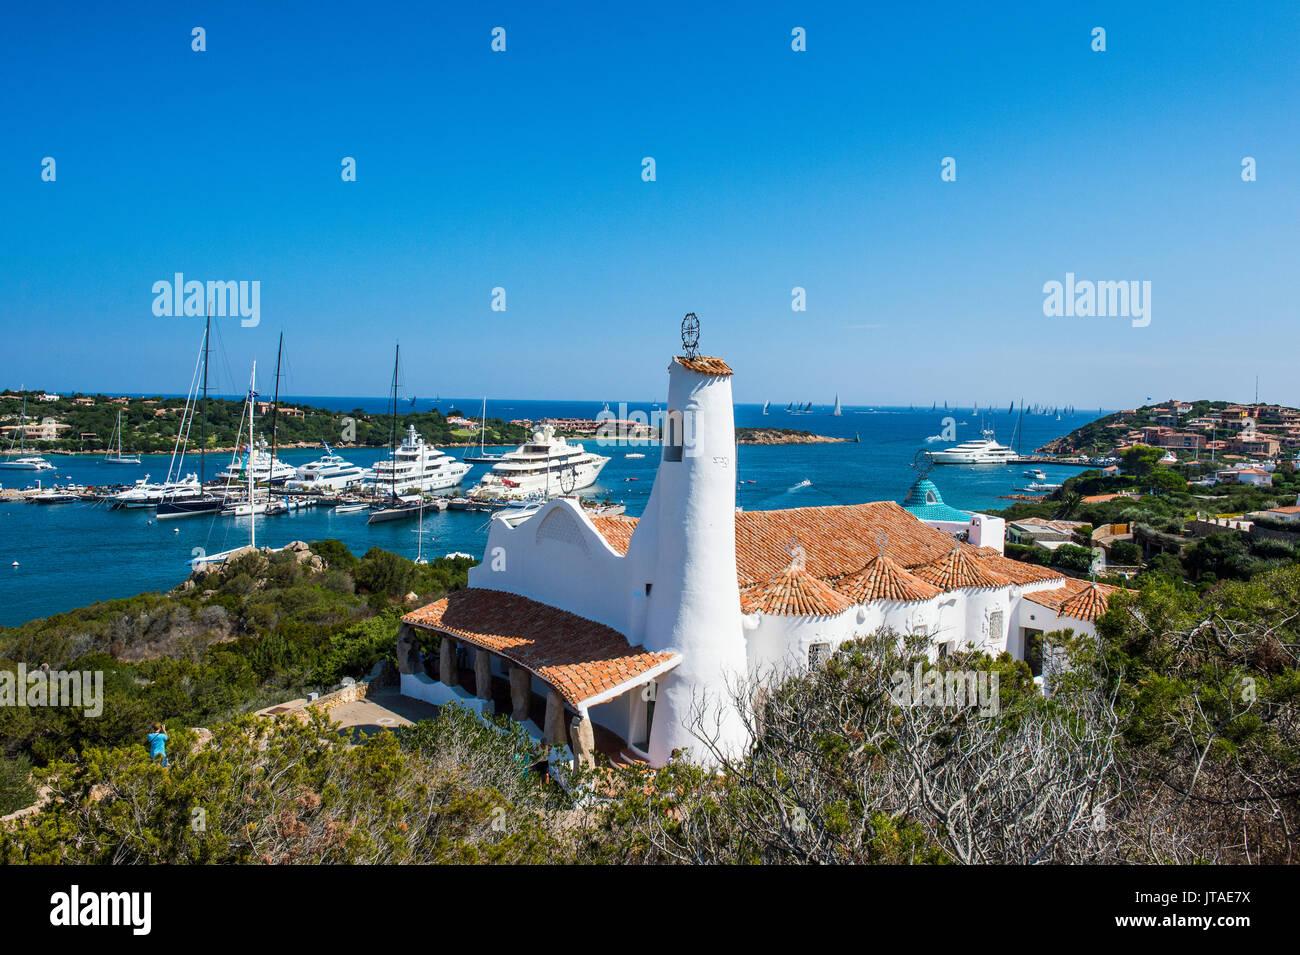 La bahía de Porto Cervo, Costa Smeralda, Cerdeña, Italia, Mediterráneo, Europa Imagen De Stock